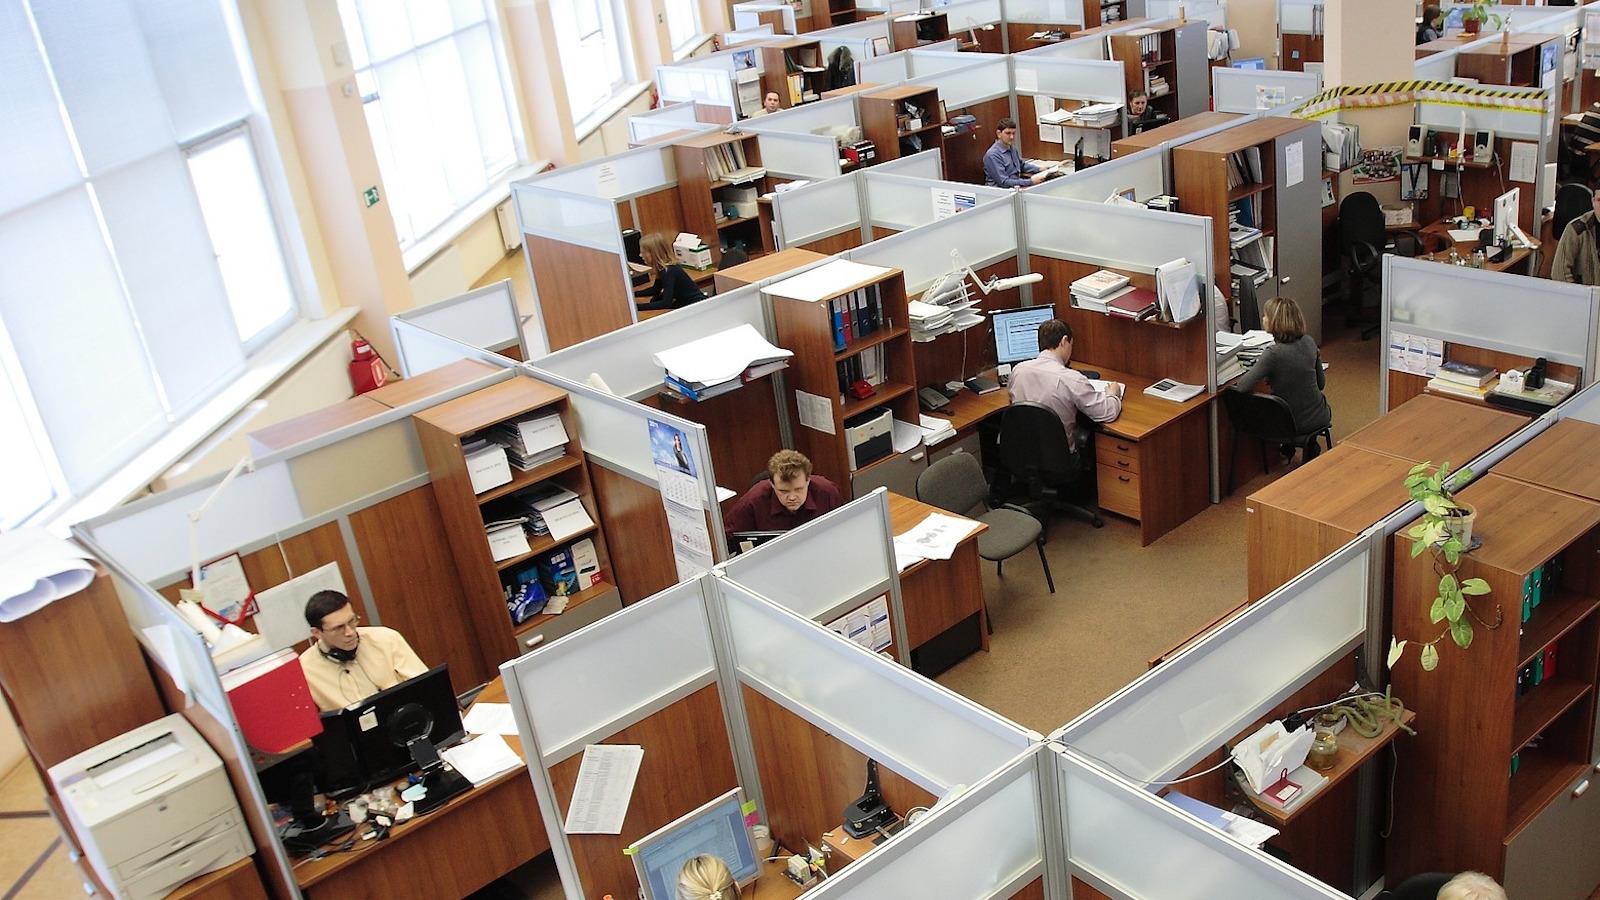 collaborative office collaborative spaces 320. Workplace Cubicles Collaborative Office Spaces 320 O